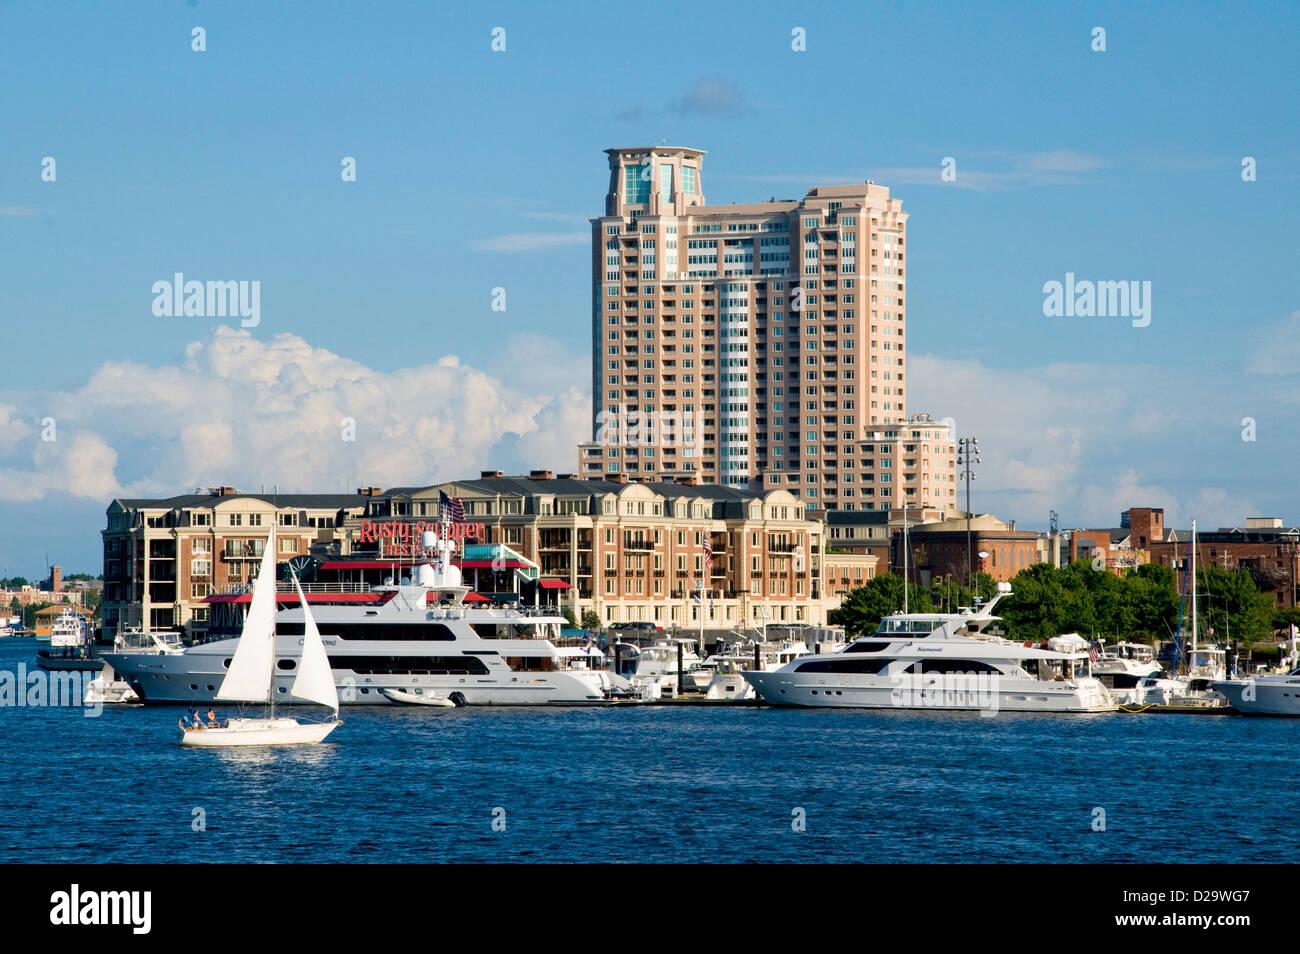 Hafen von Baltimore, hohe Aufstieg Gebäude, Maryland. Segelboote Stockbild